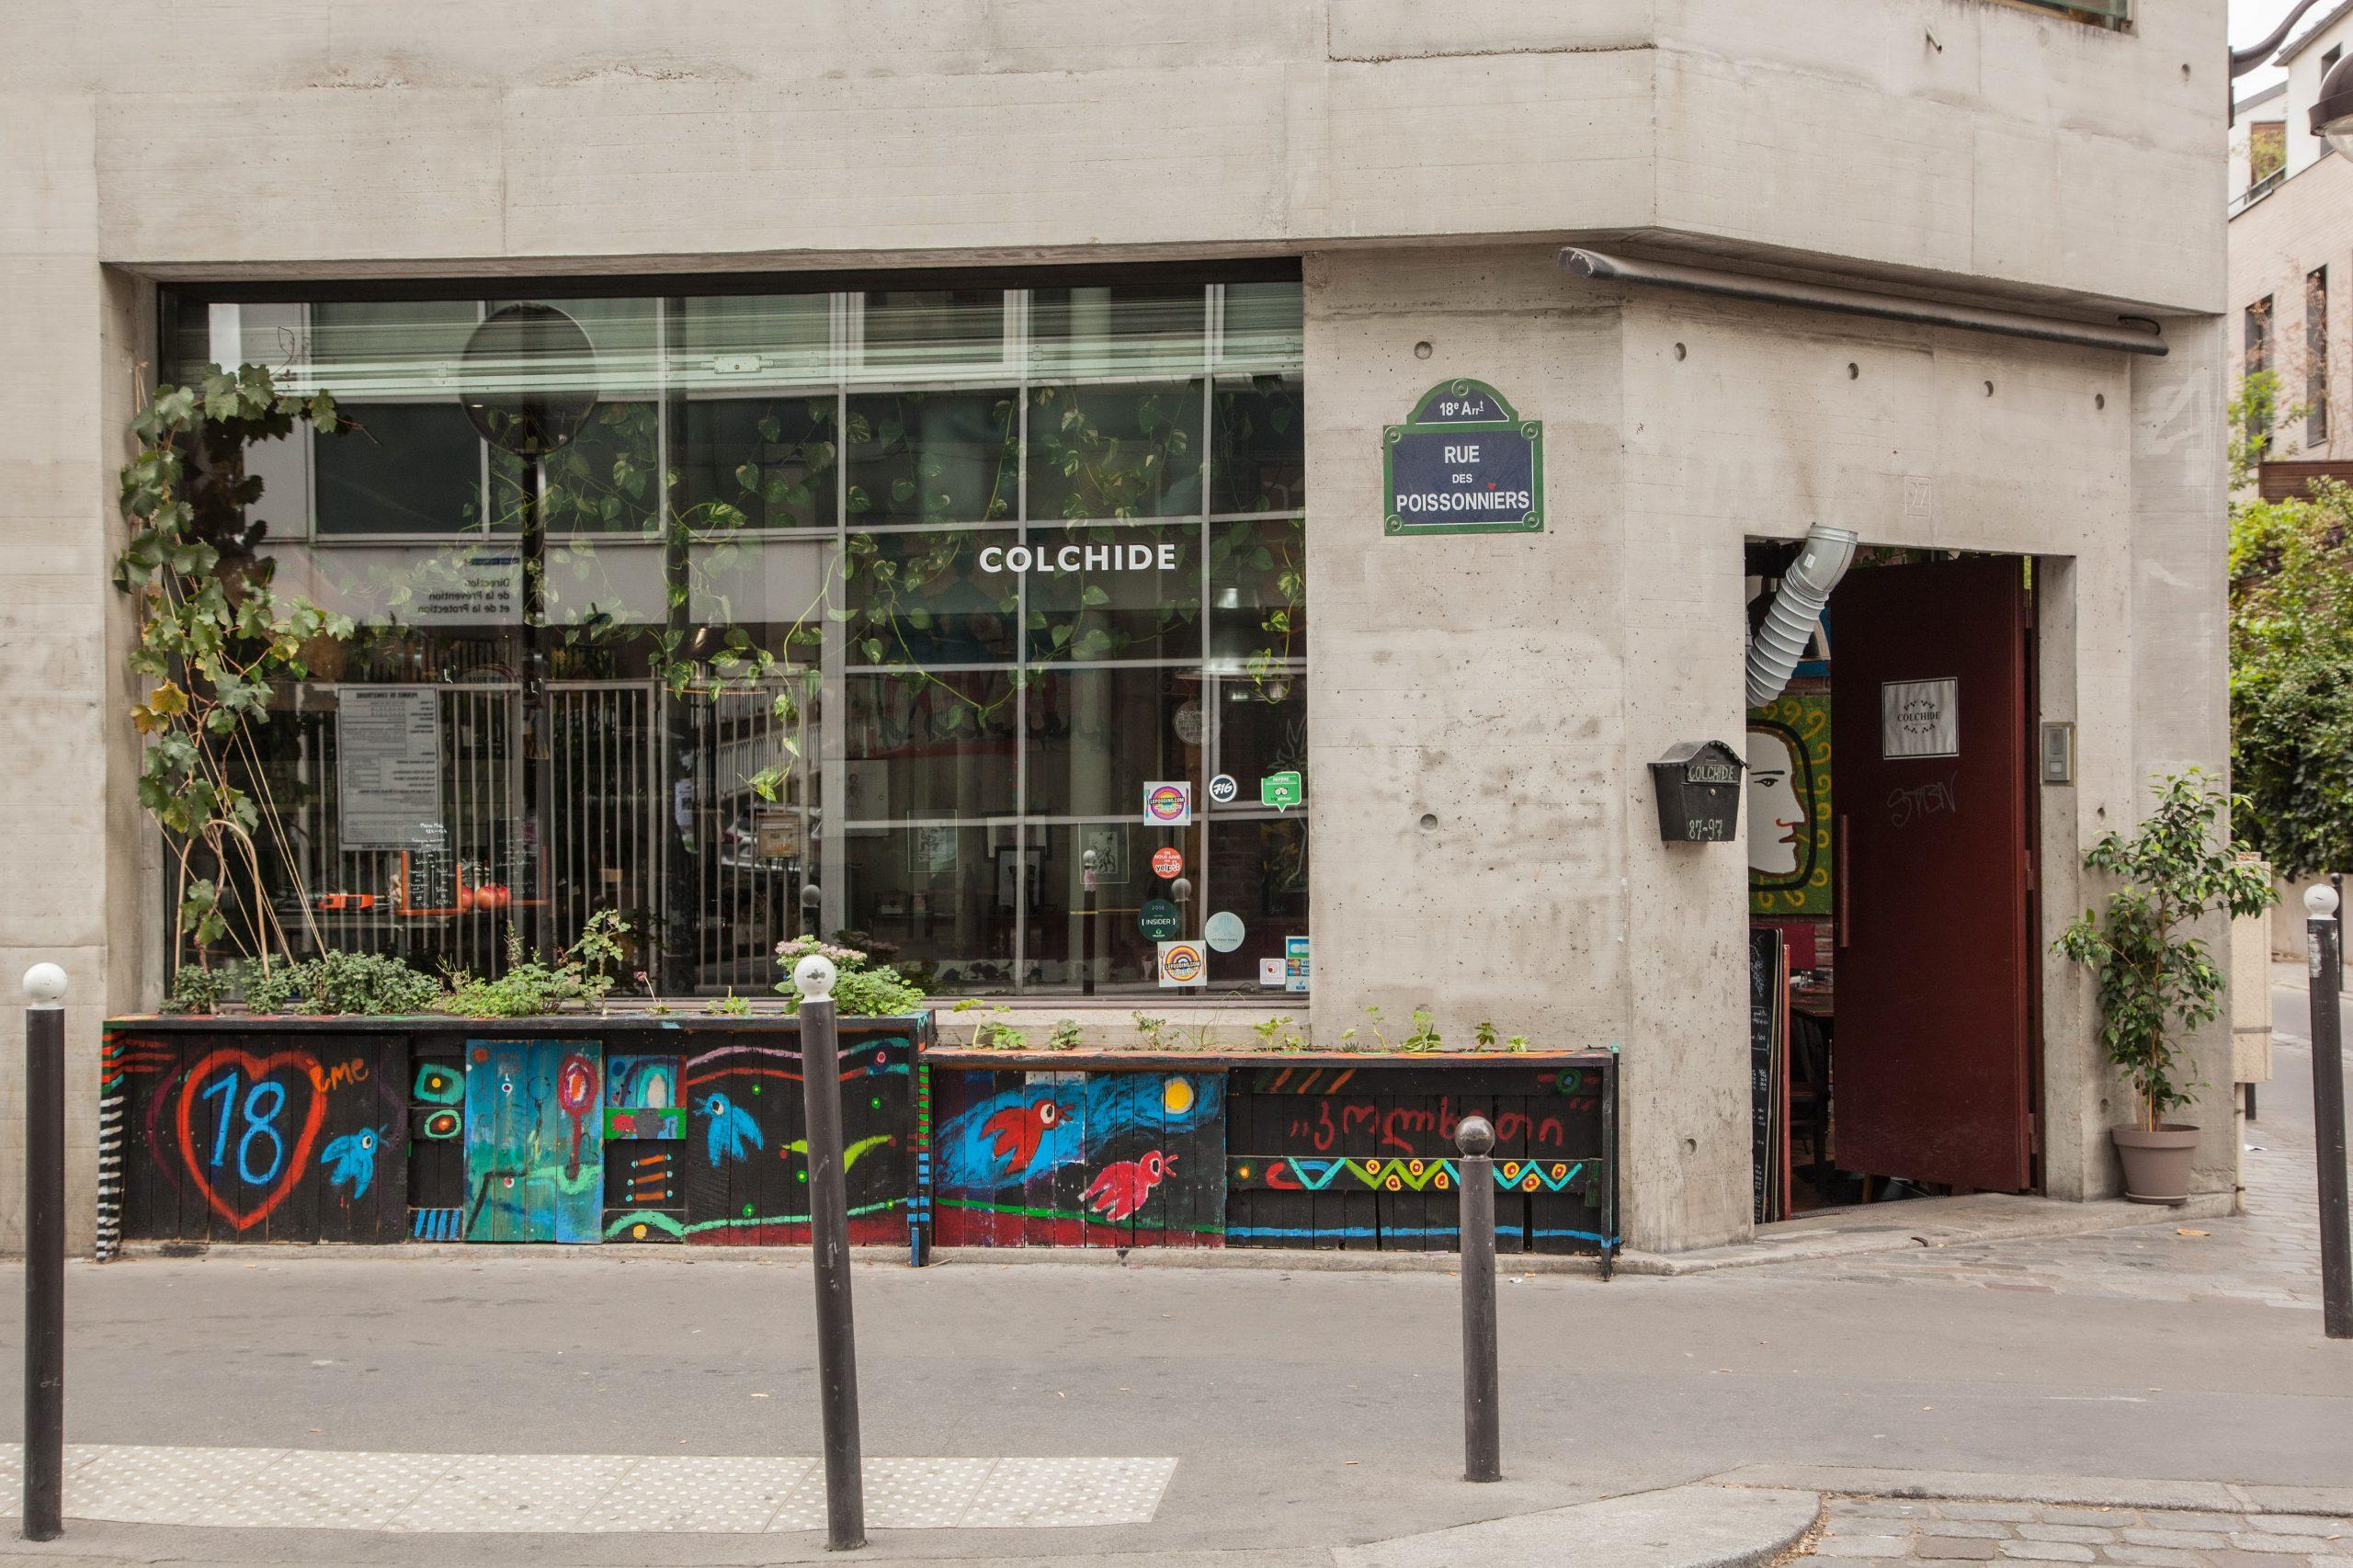 Colchide rue des poissonniers